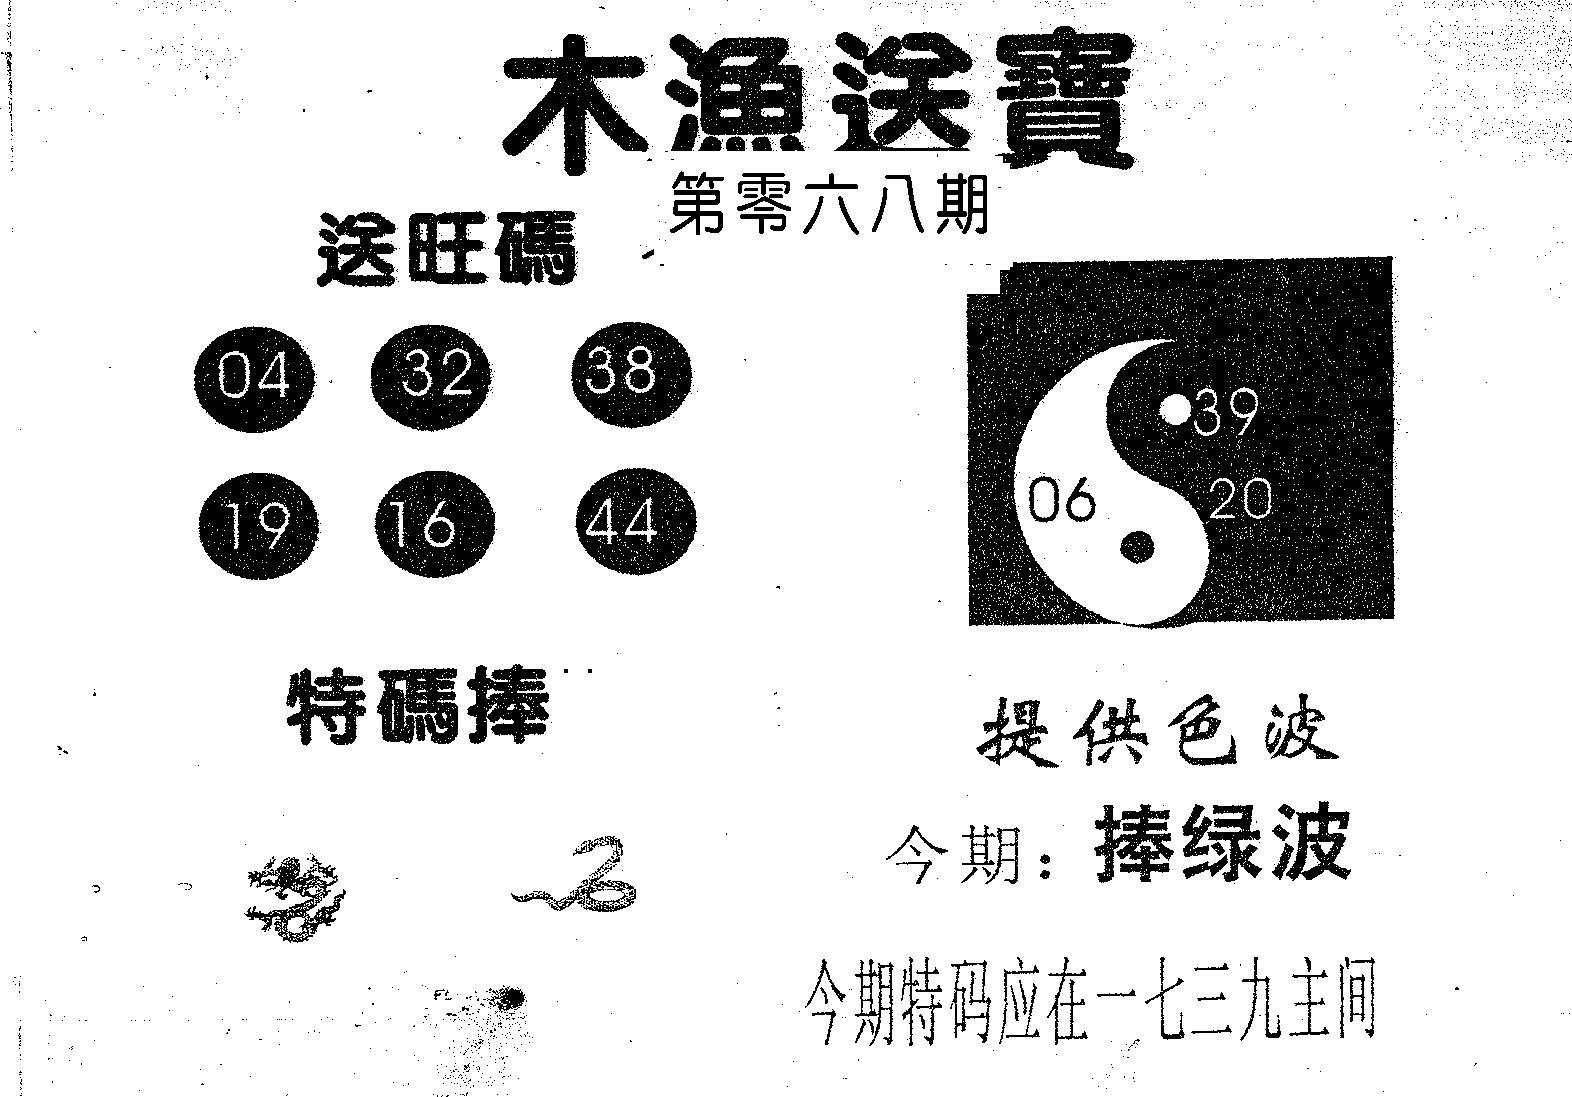 068期木渔送宝(黑白)